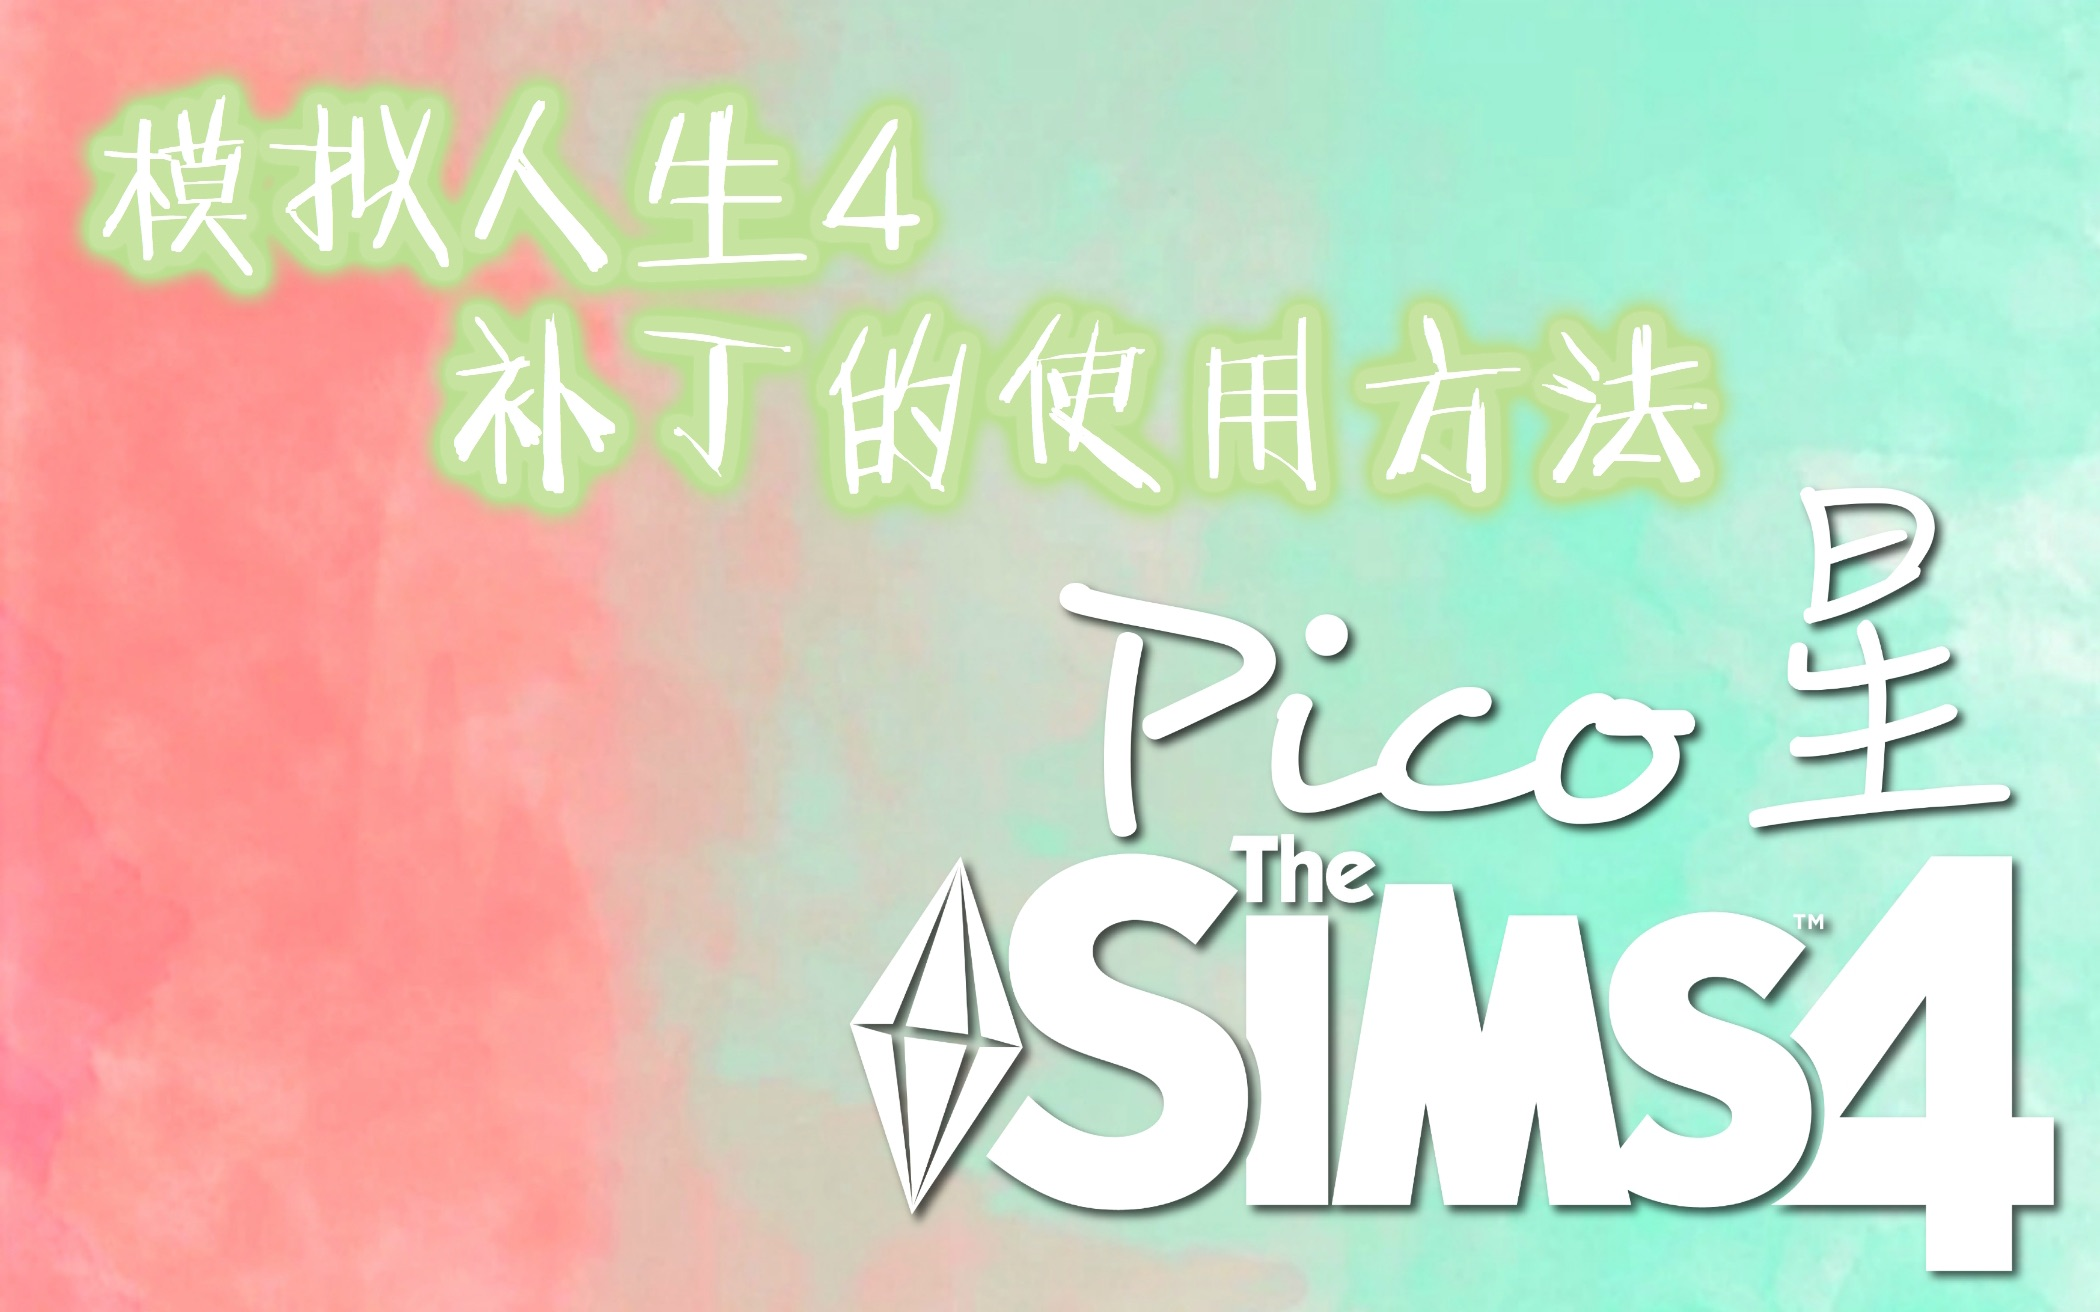 马云禄 张坤 乔一/【Pico星】模拟人生4/补丁的收纳小技巧以及使用方法